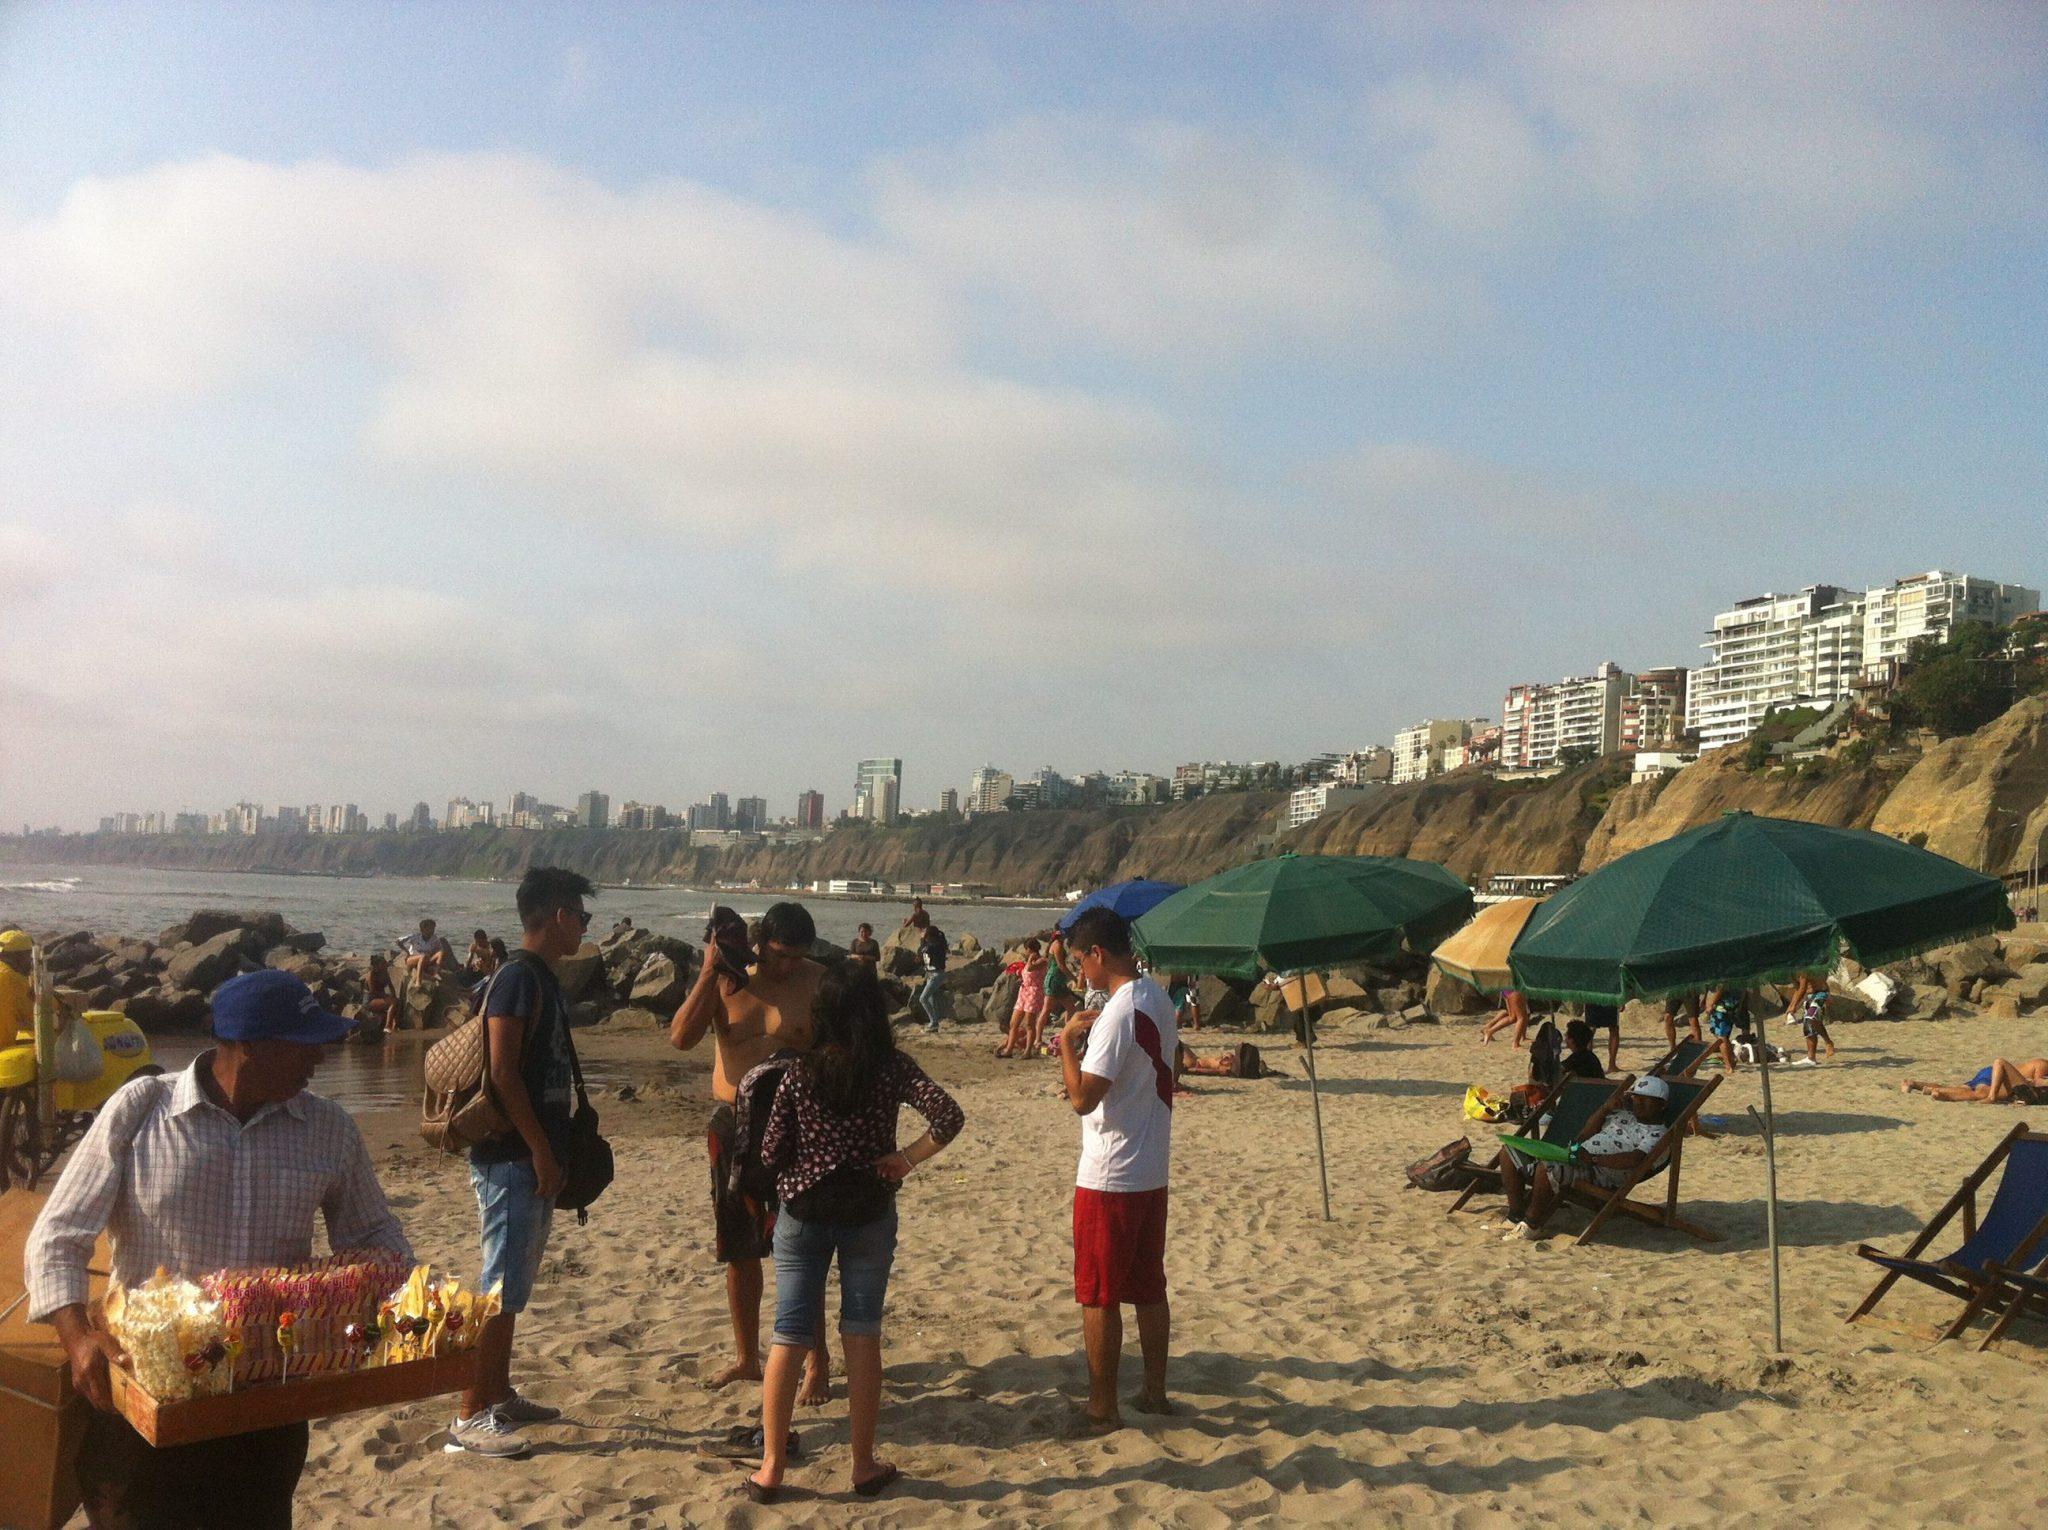 Imagen post Donde comer en Lima en un día y medio- Playa de Los Yuyos (bajada puente de los suspiros)